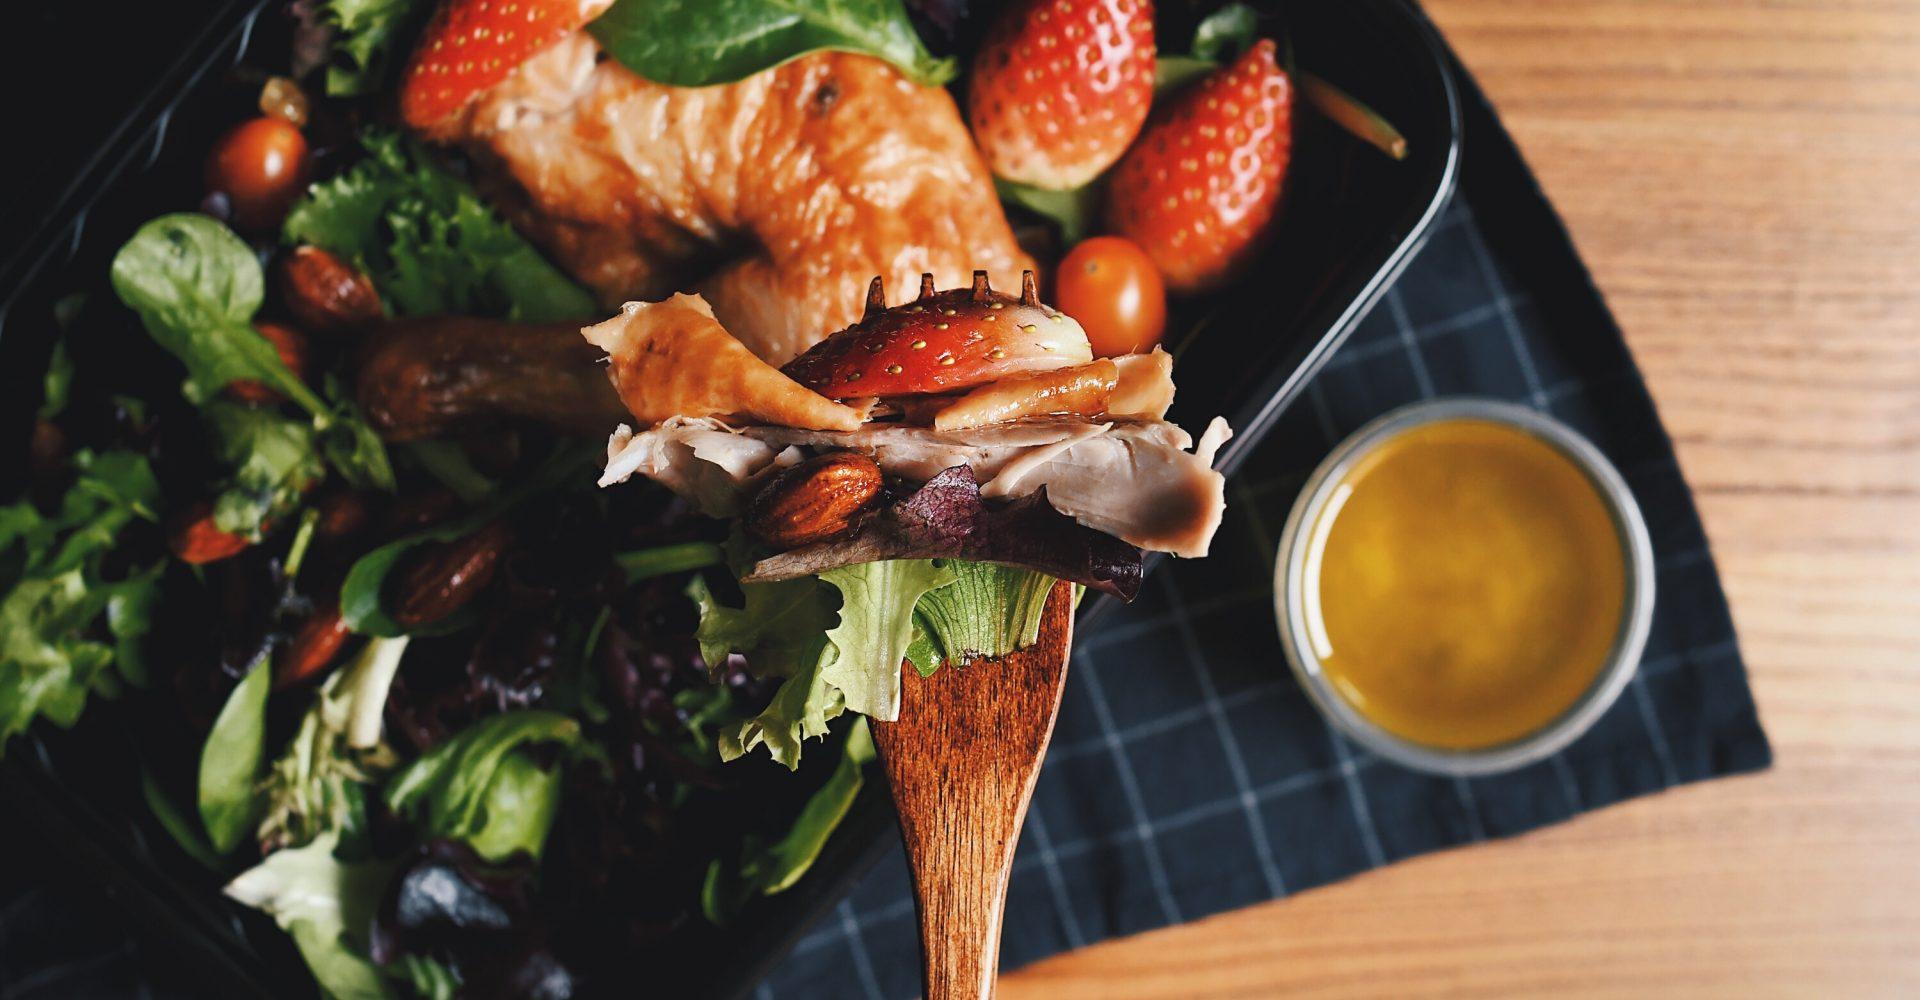 AMGD - Food on Fork